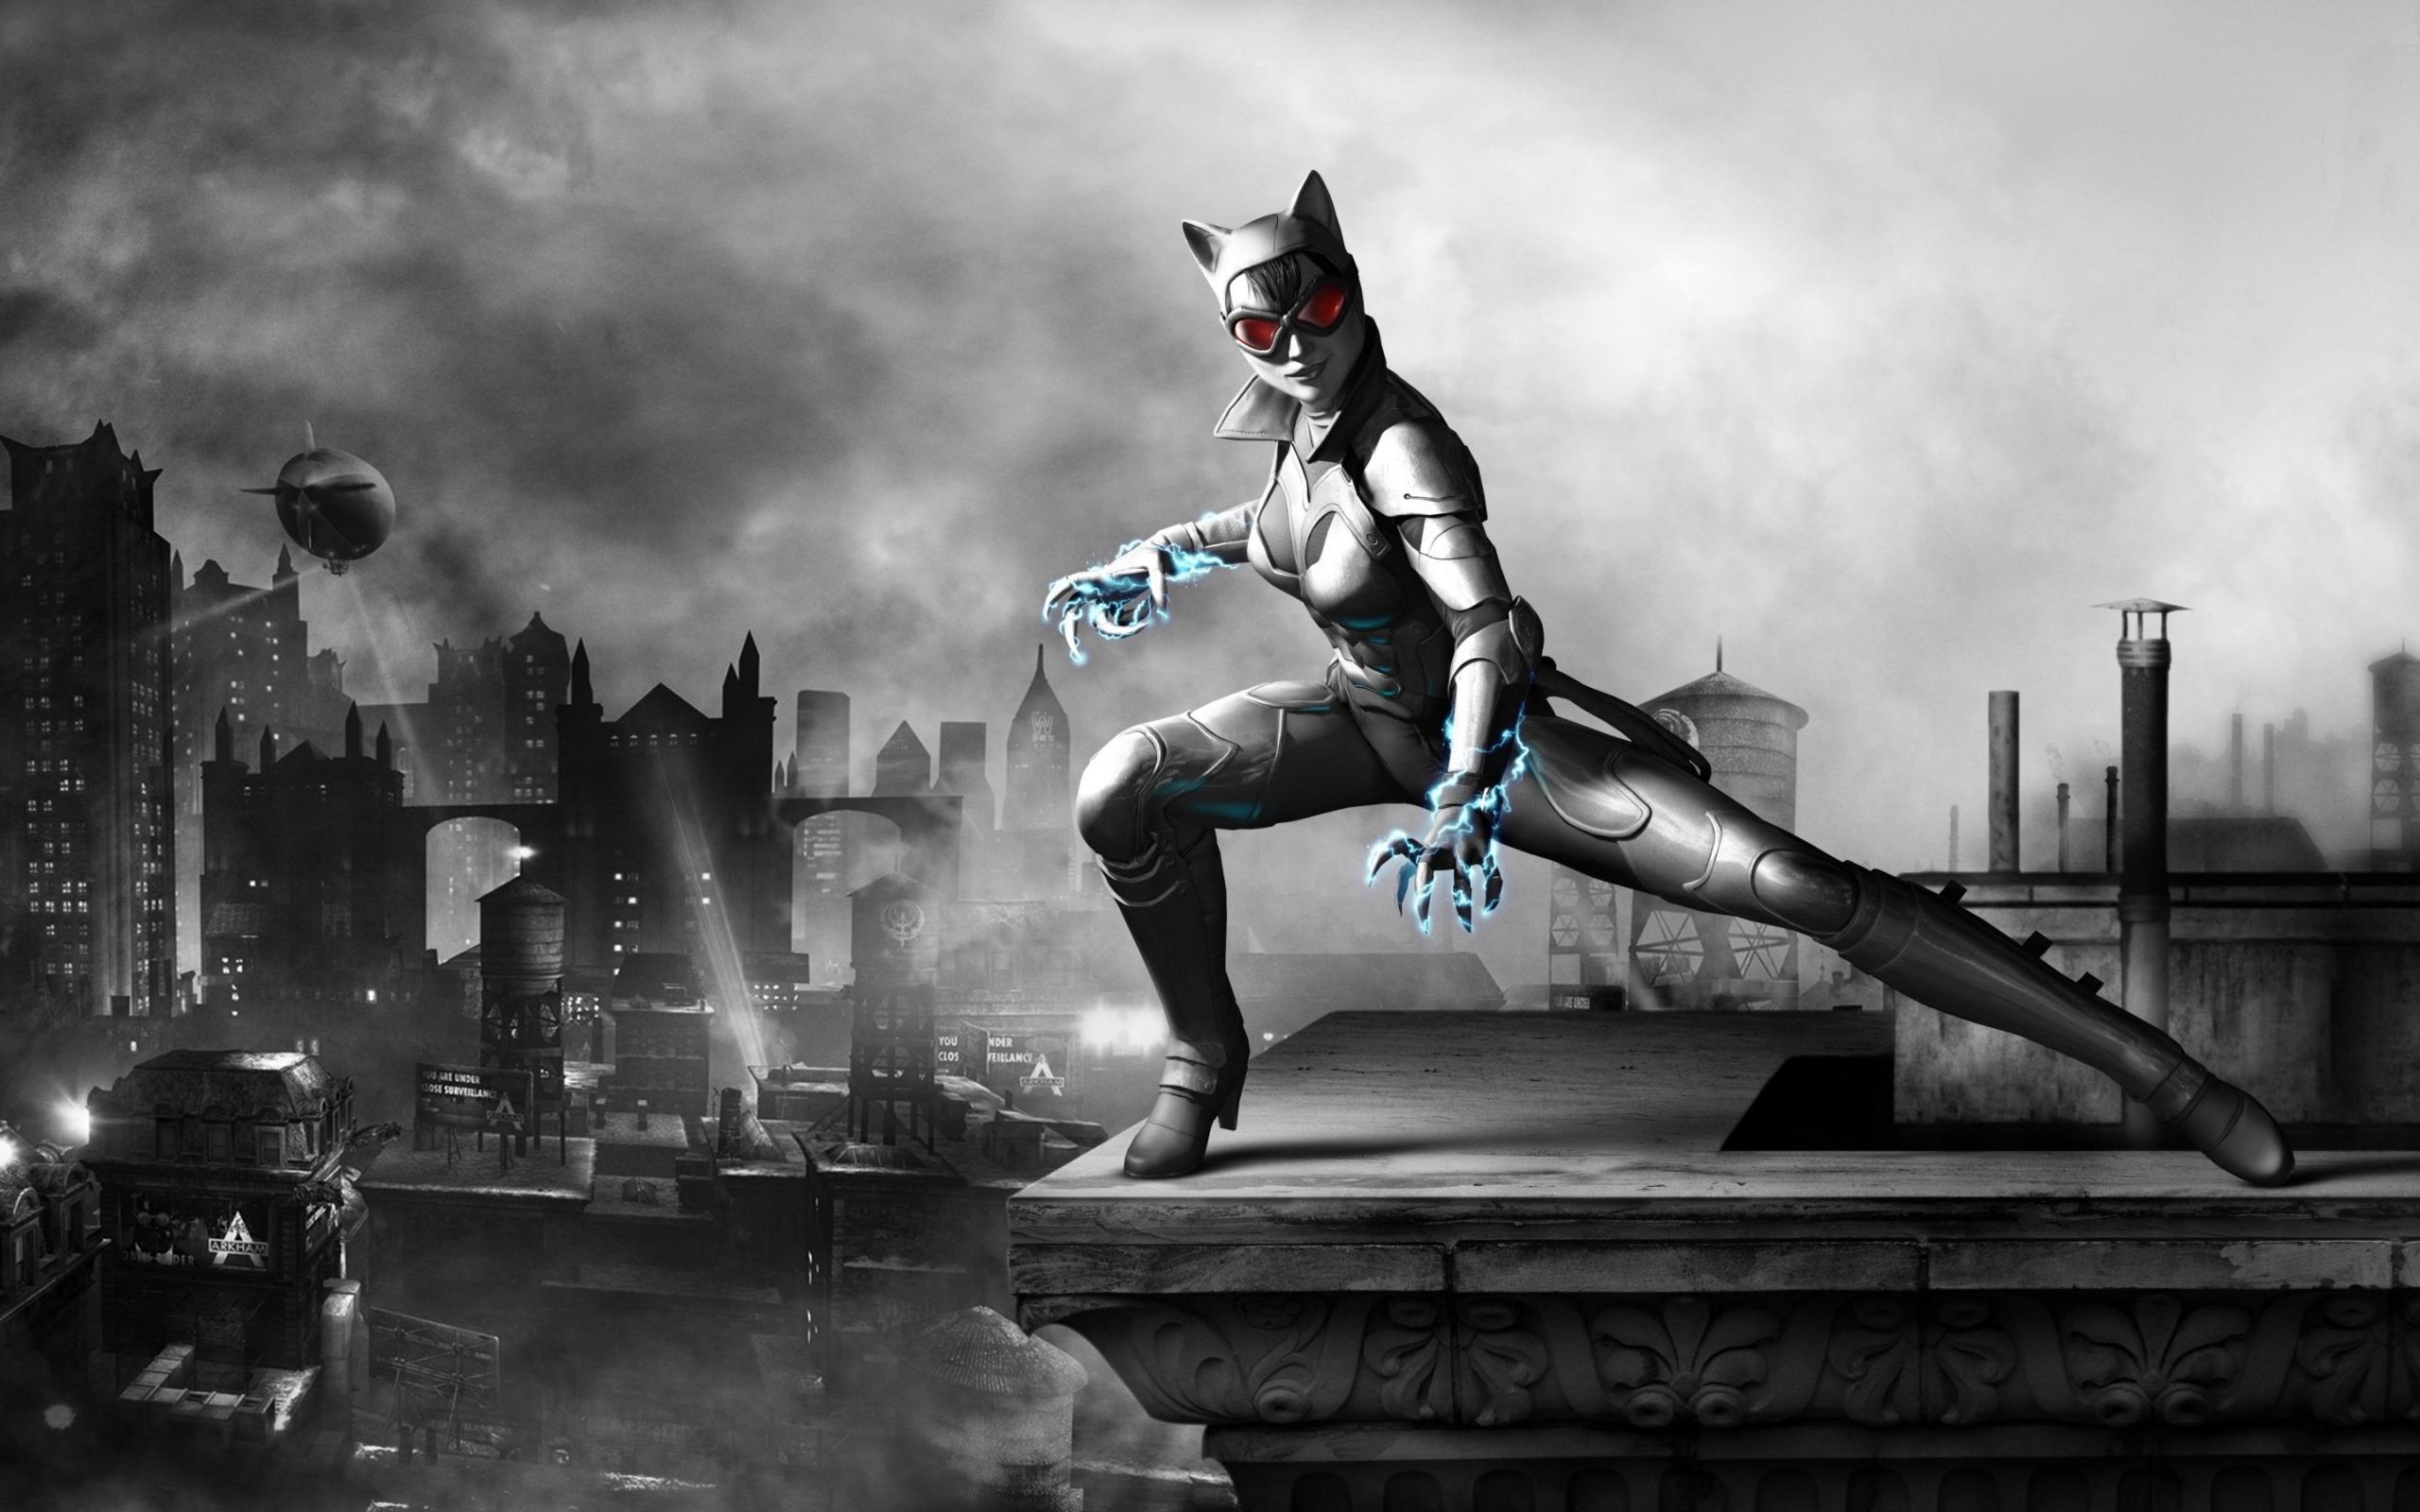 バットマンアーカム シティ装甲版 2013ゲームのhd壁紙プレビュー